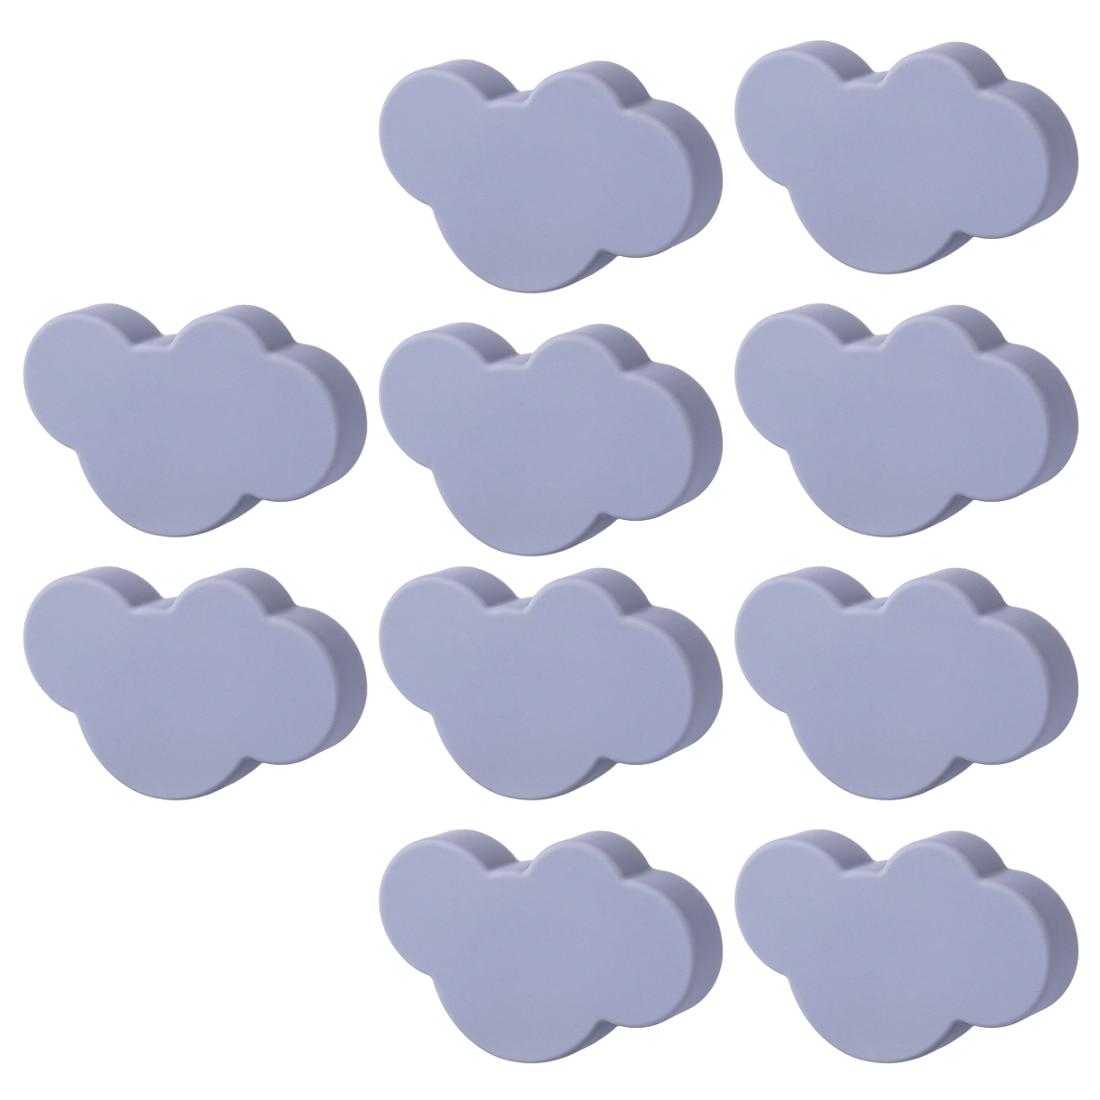 6 pces/8 pces/10 pces nuvem porta armário knob pvc haplopore gaveta puxar puxadores e alças para móveis-pequenas nuvens brancas